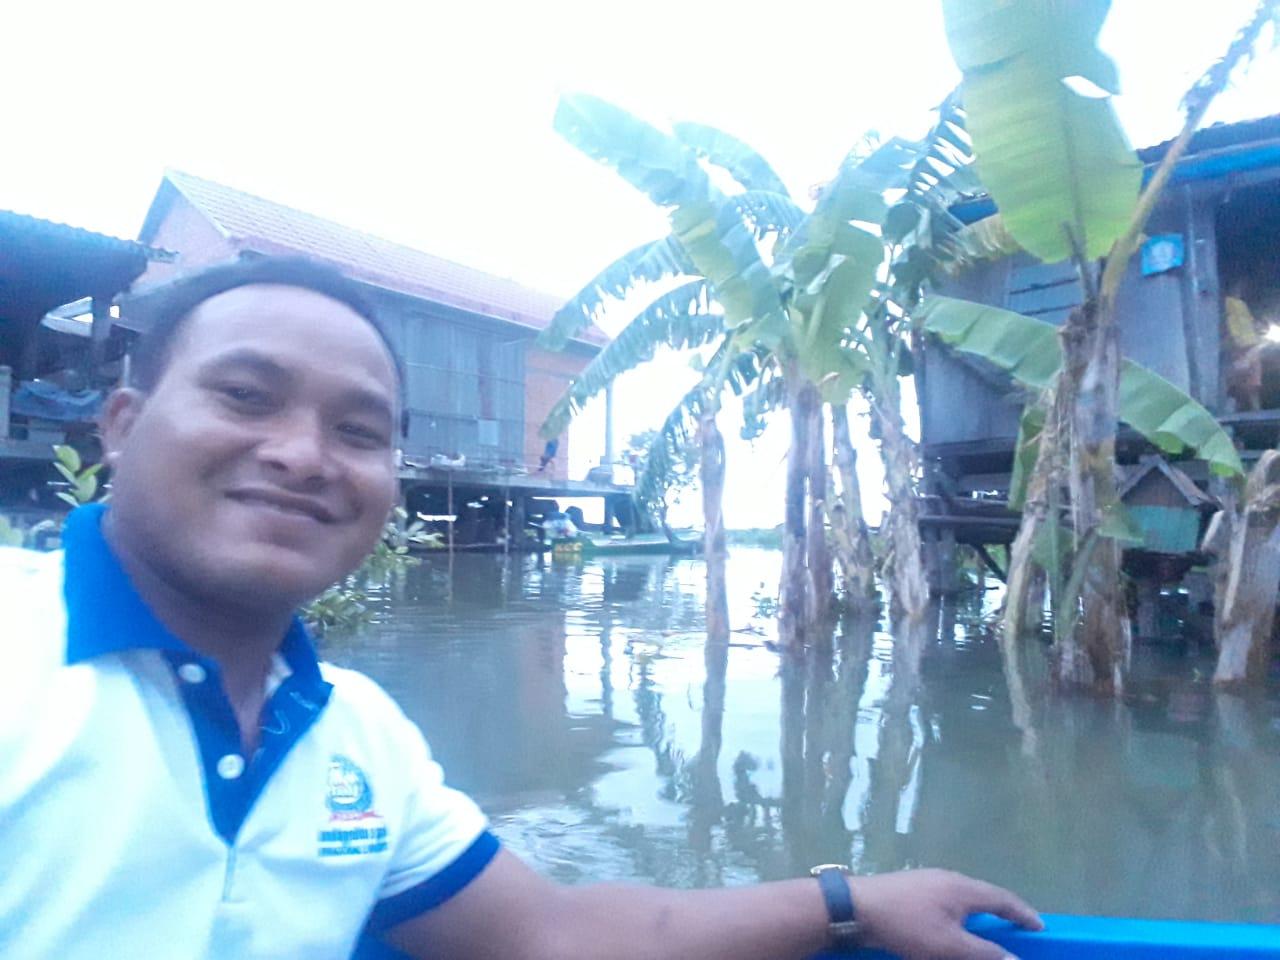 លោកគ្រូ ប្រាក់ អាយ នៅលើទូក ធ្វើដំណើរទៅផ្ទះឡាក់ ចន្រ្ទាTeacher Prak Ay on his way to Lak Chantrea's house in Samrong Sen community